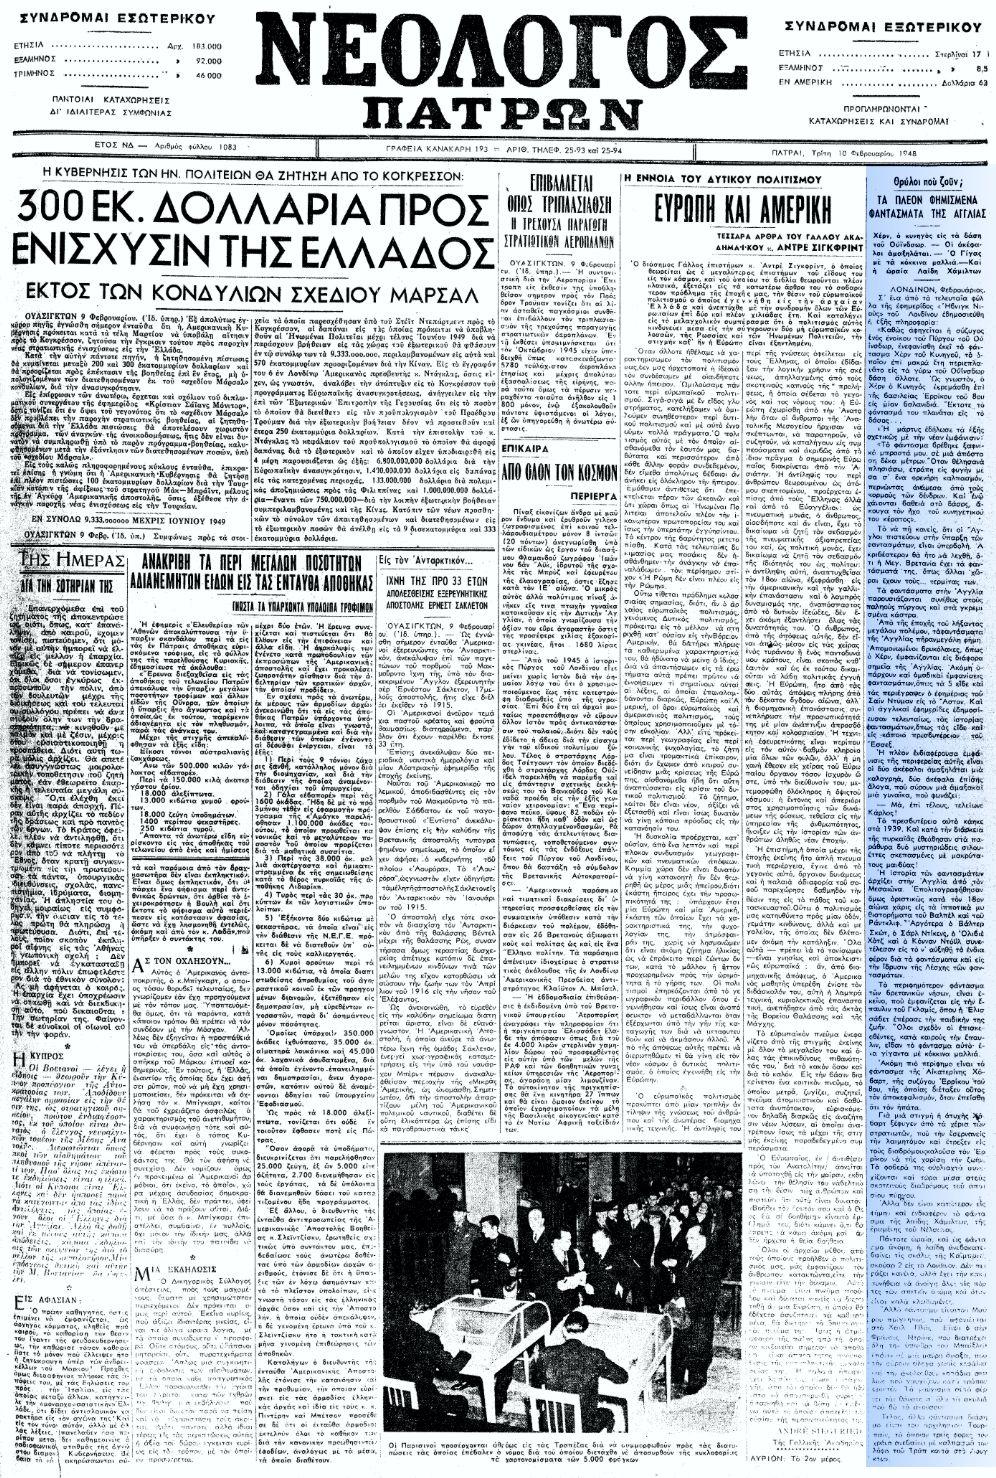 """Το άρθρο, όπως δημοσιεύθηκε στην εφημερίδα """"ΝΕΟΛΟΓΟΣ ΠΑΤΡΩΝ"""", στις 10/02/1948"""